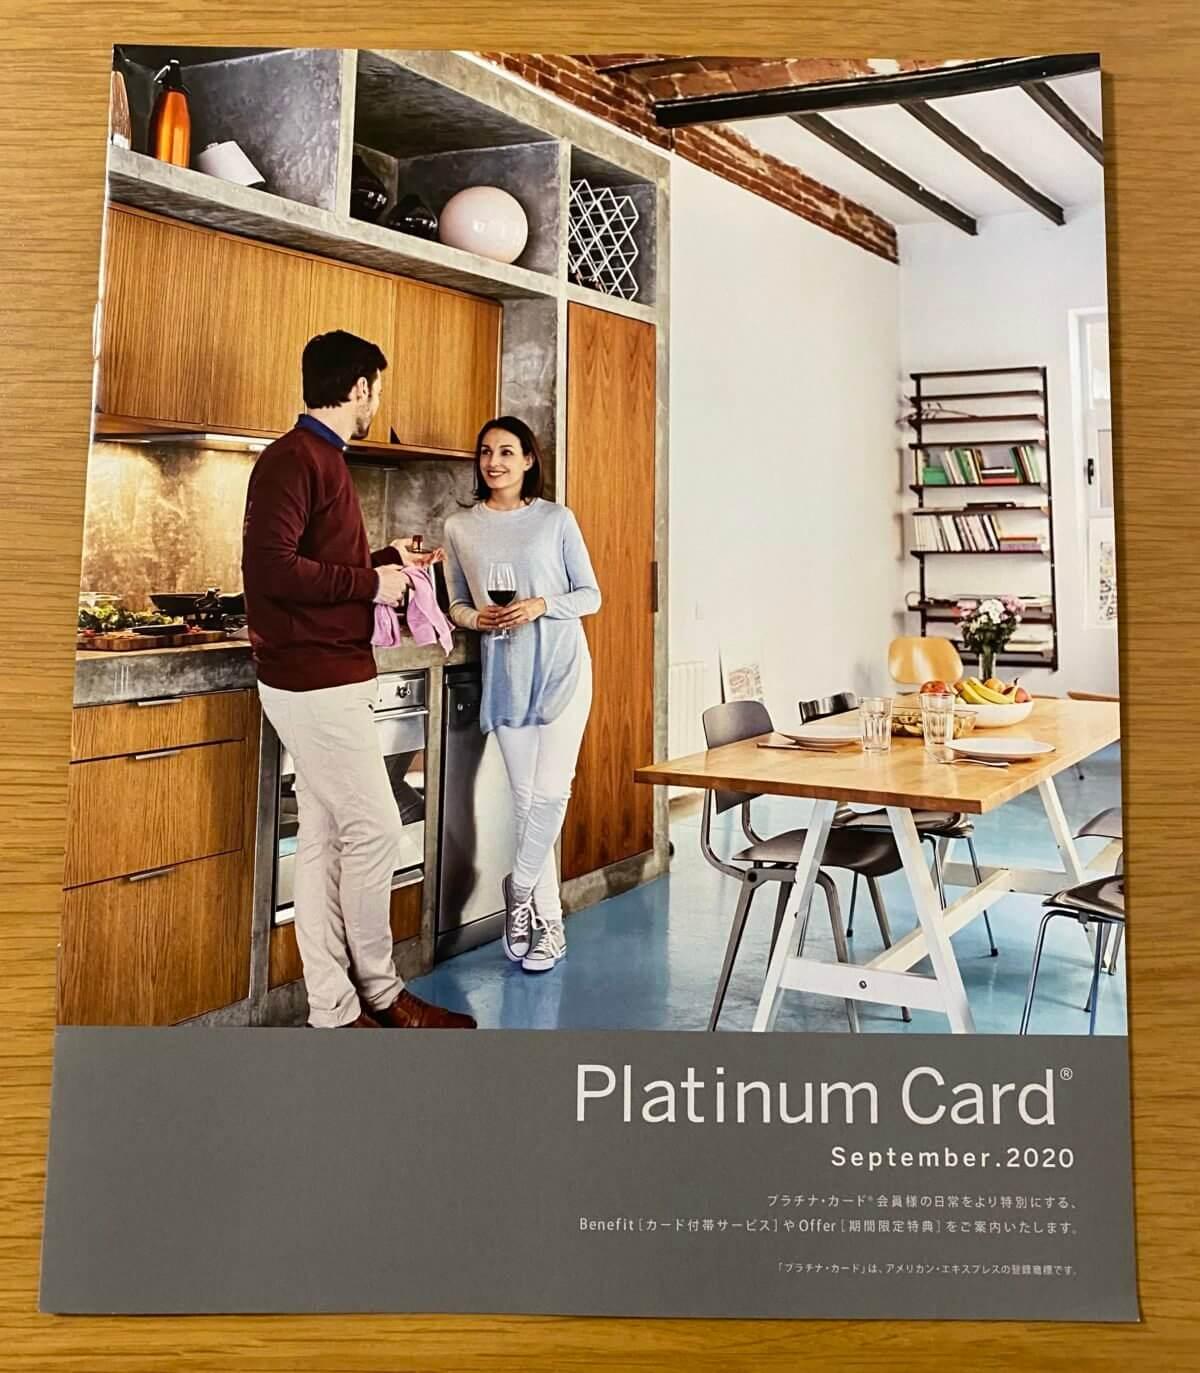 アメックスプラチナの「Platinum Card」という特典紹介・ニュース冊子